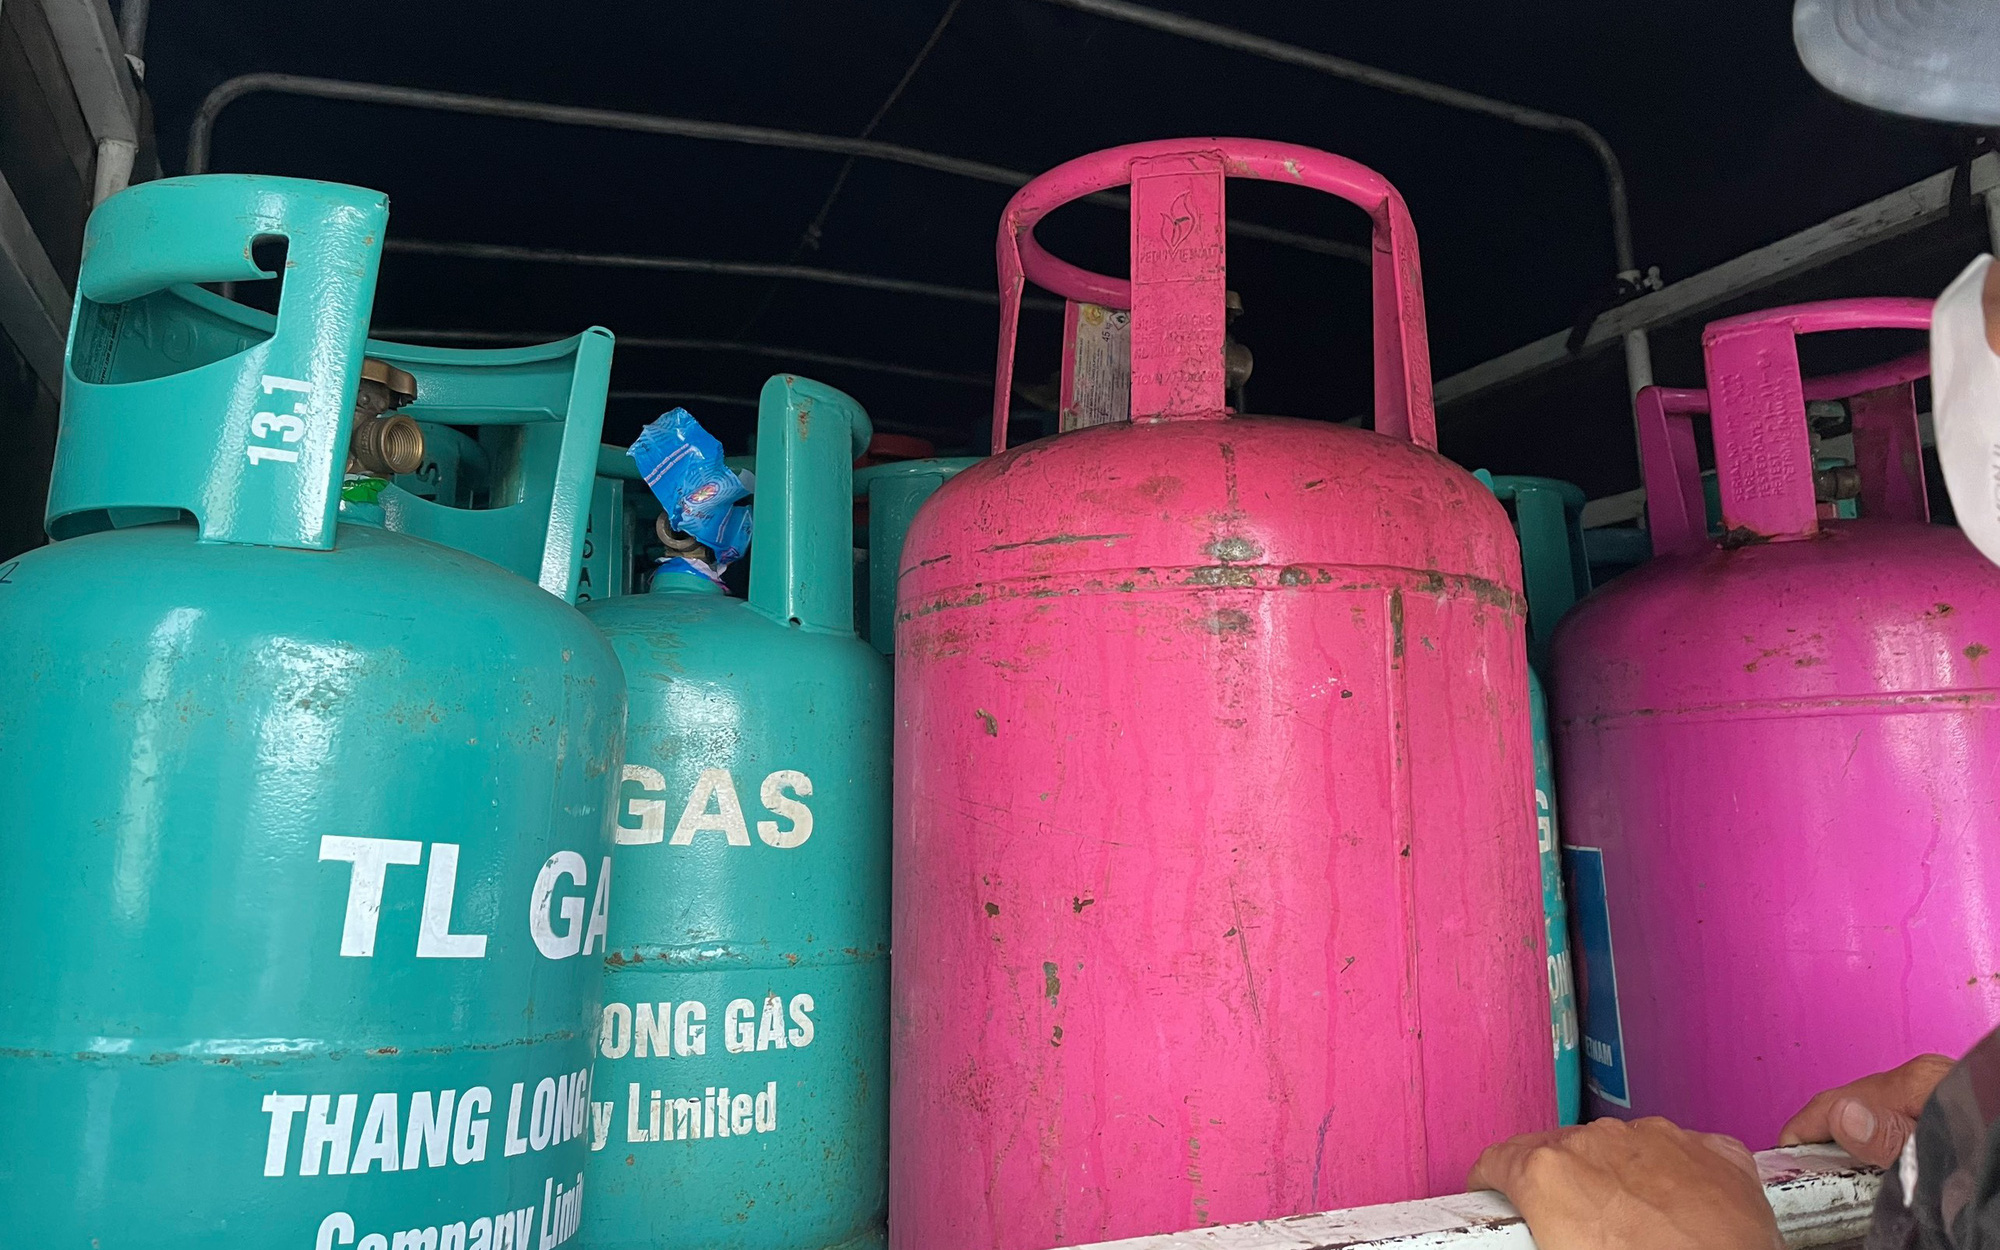 Hải Dương: Triệt phá cơ sở sang chiết gas trái phép cực lớn